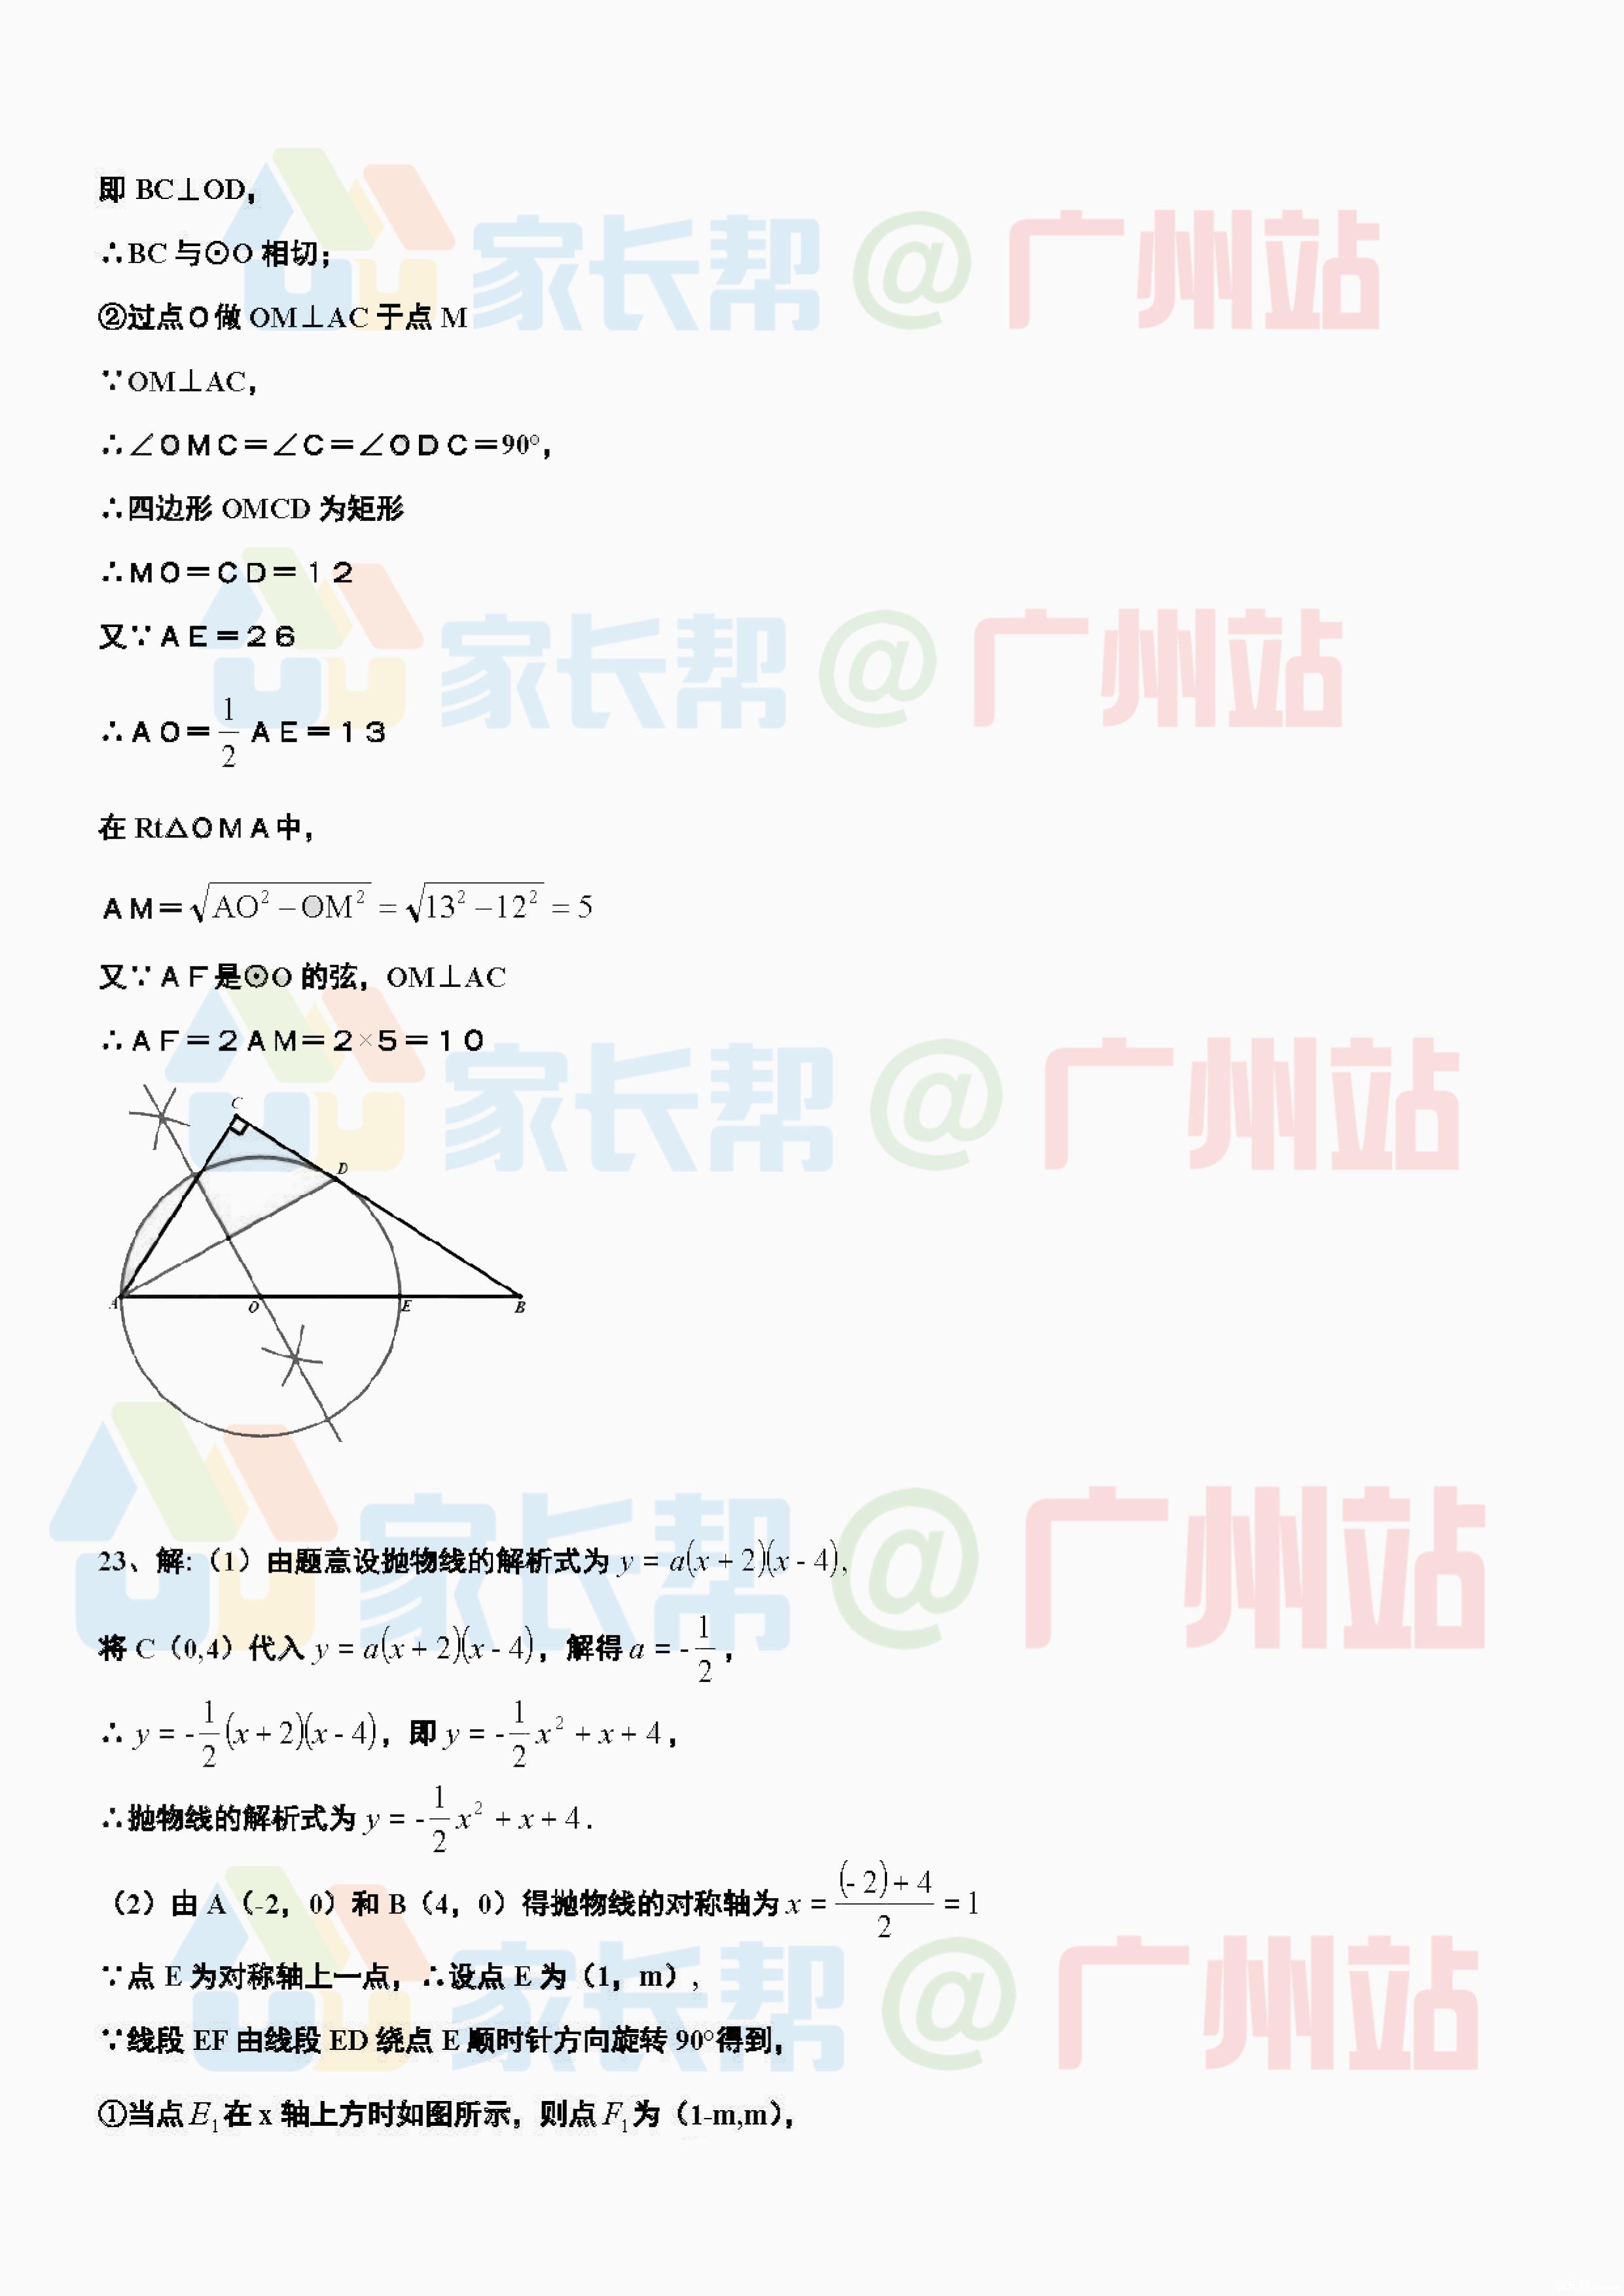 越秀区九年级数学答案-4.jpg